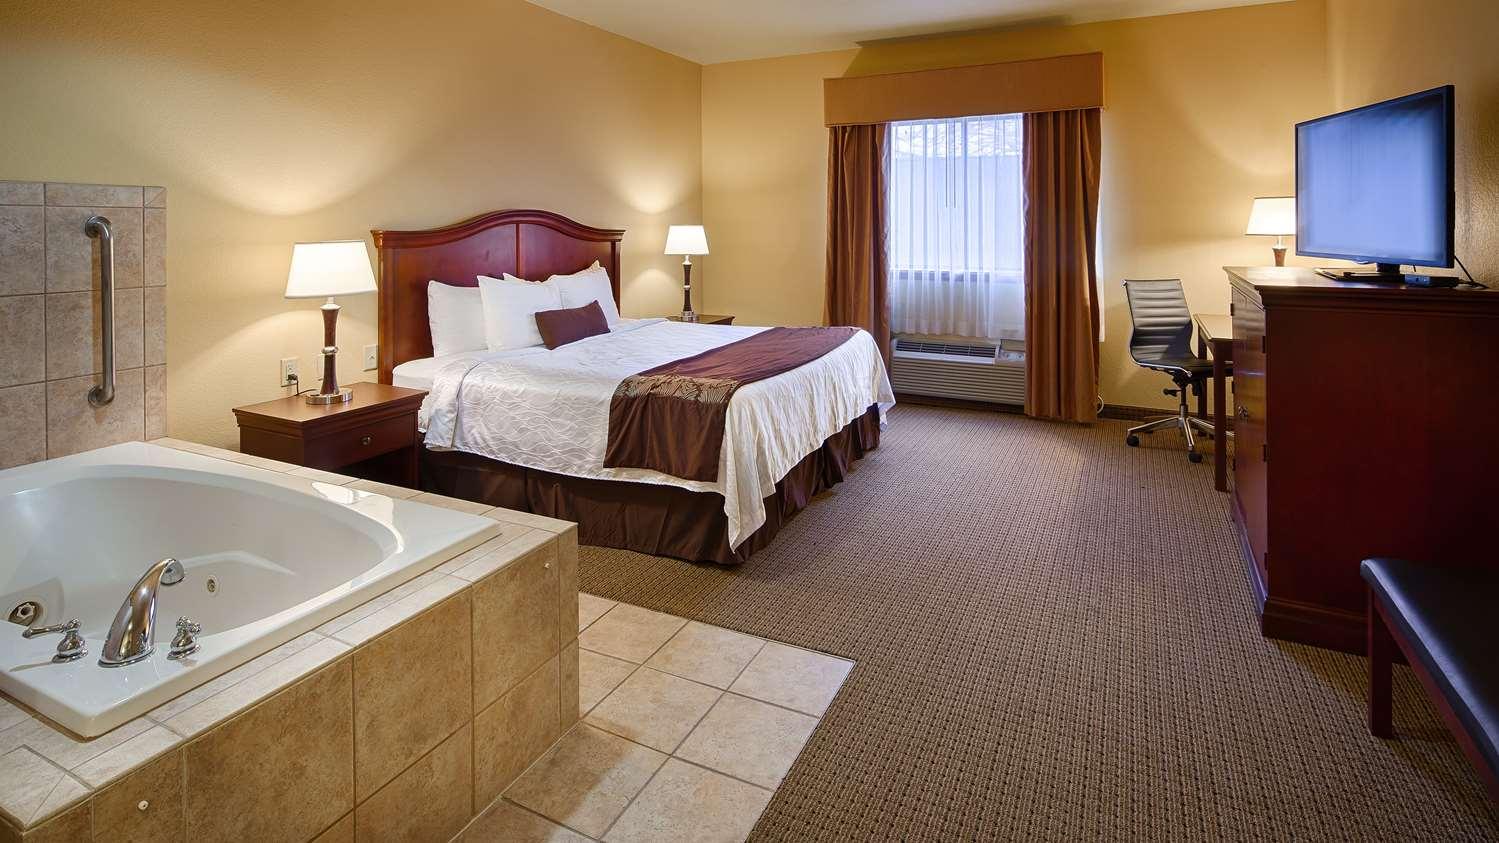 Room - Best Western Plus Sweetwater Inn & Suites